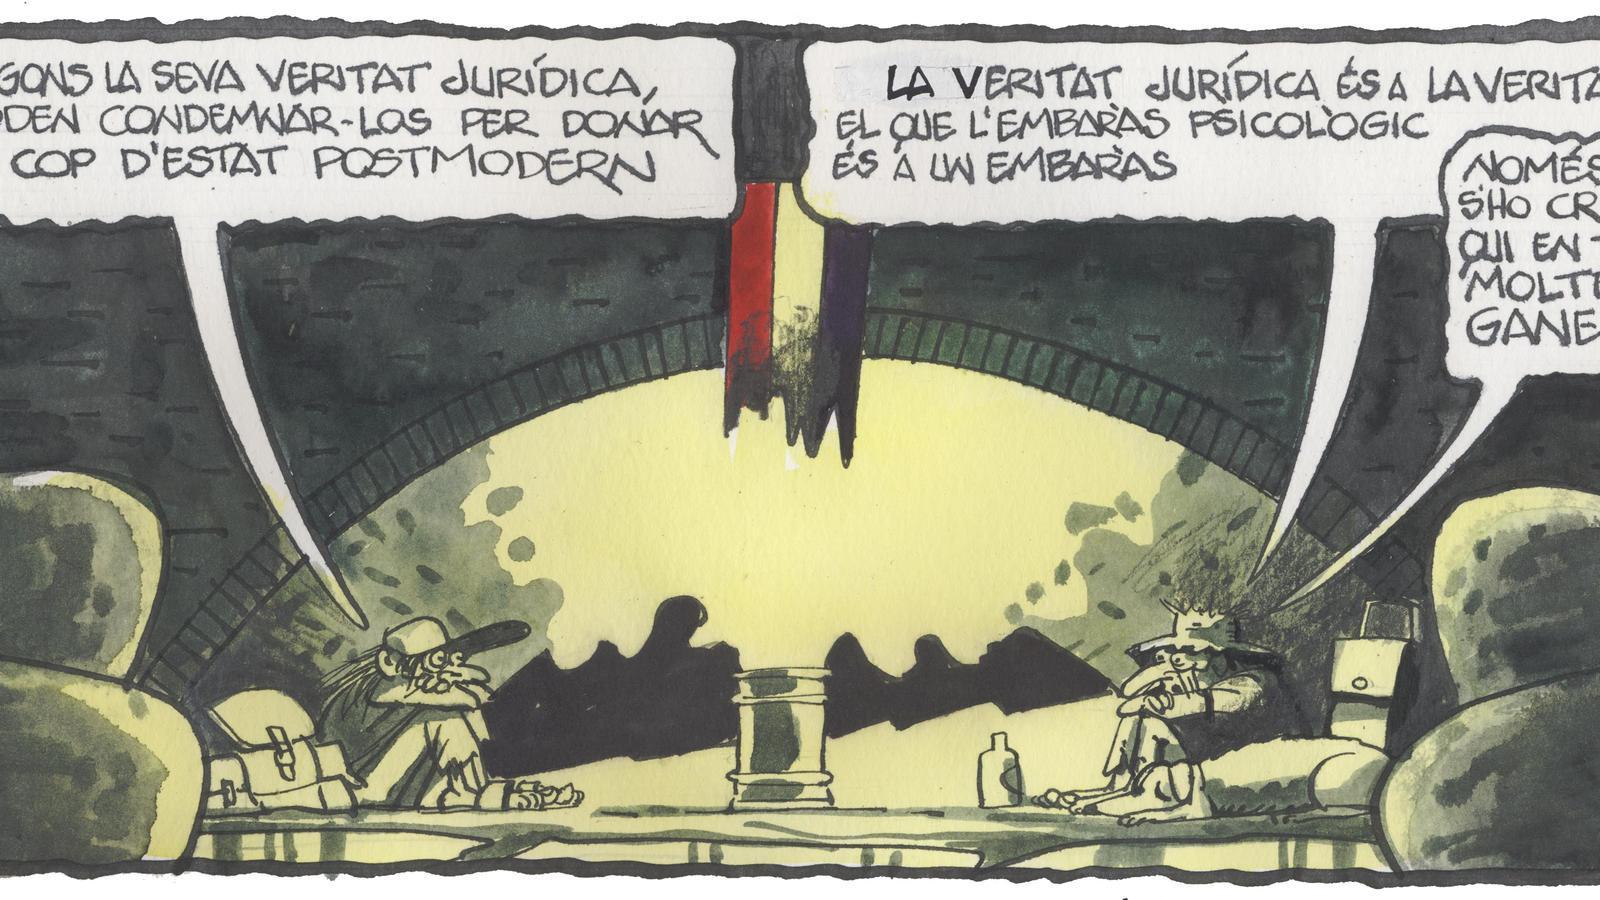 'A la contra', per Ferreres (16/09/2019)